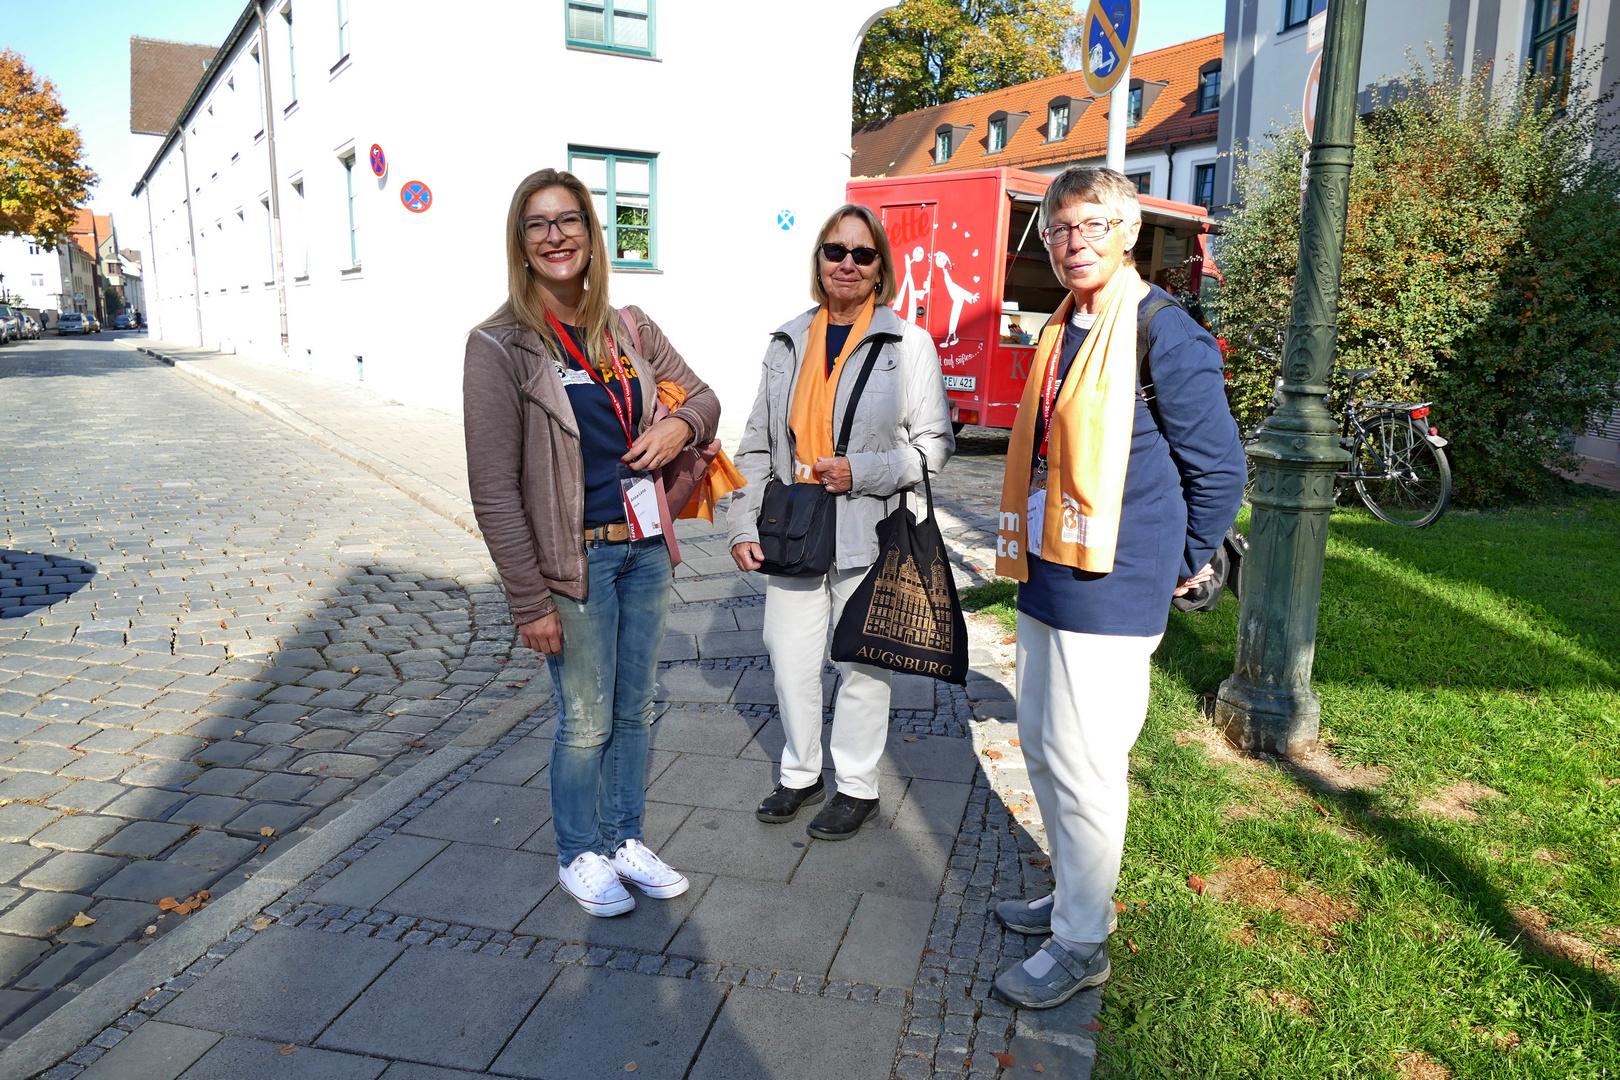 SymPaten - Welt-Freiwilligenkonferenz 2018 - Foto: Christoph Urban - Freiwilligen-Zentrum Augsburg